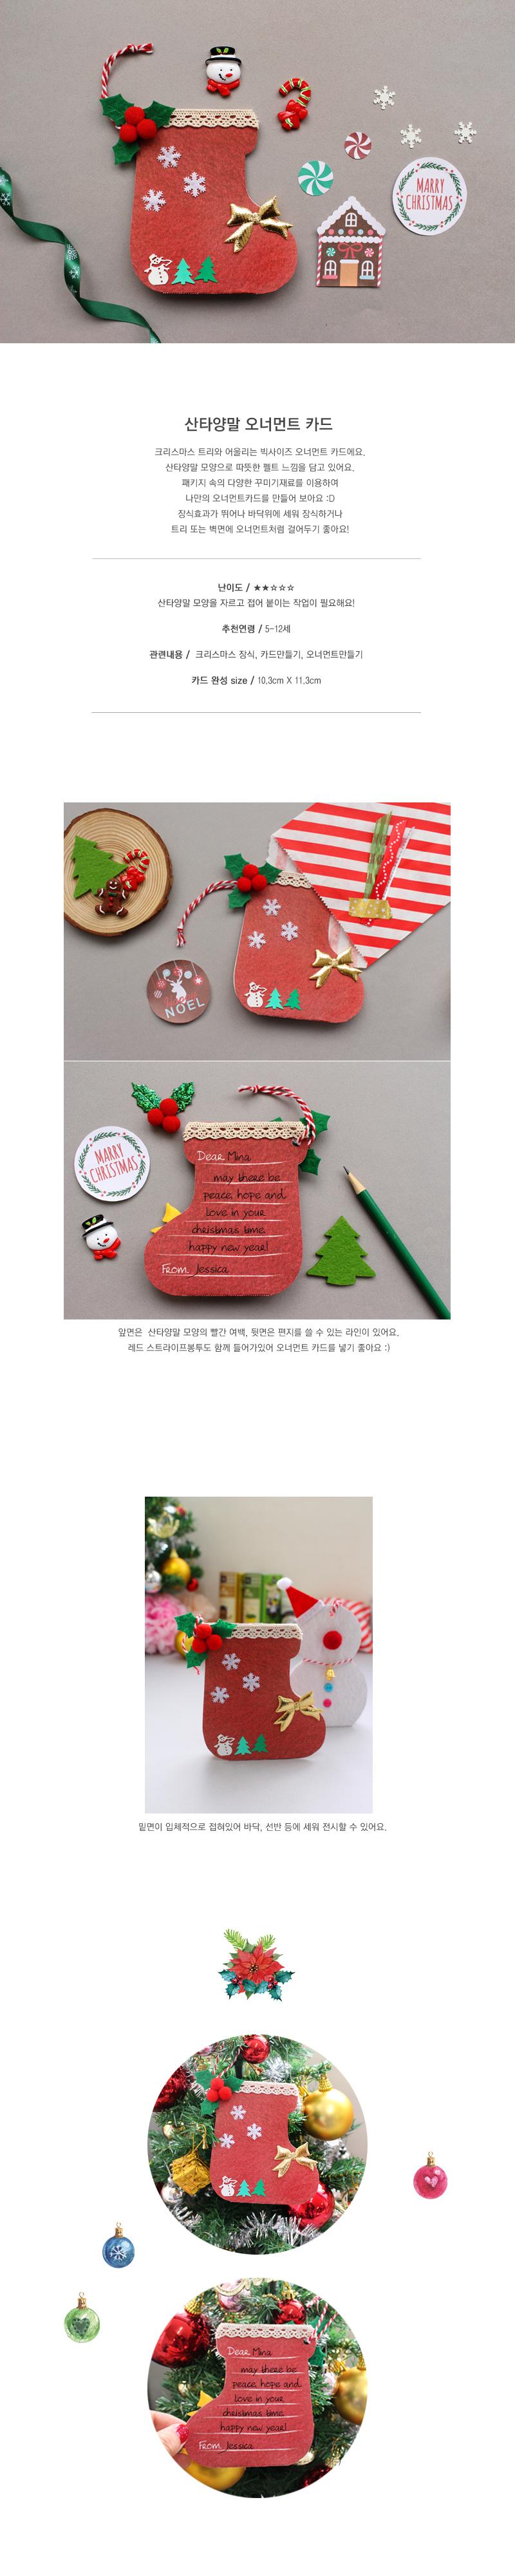 산타양말오너먼트카드5set - 도토리클래스, 10,000원, 카드, 크리스마스 카드